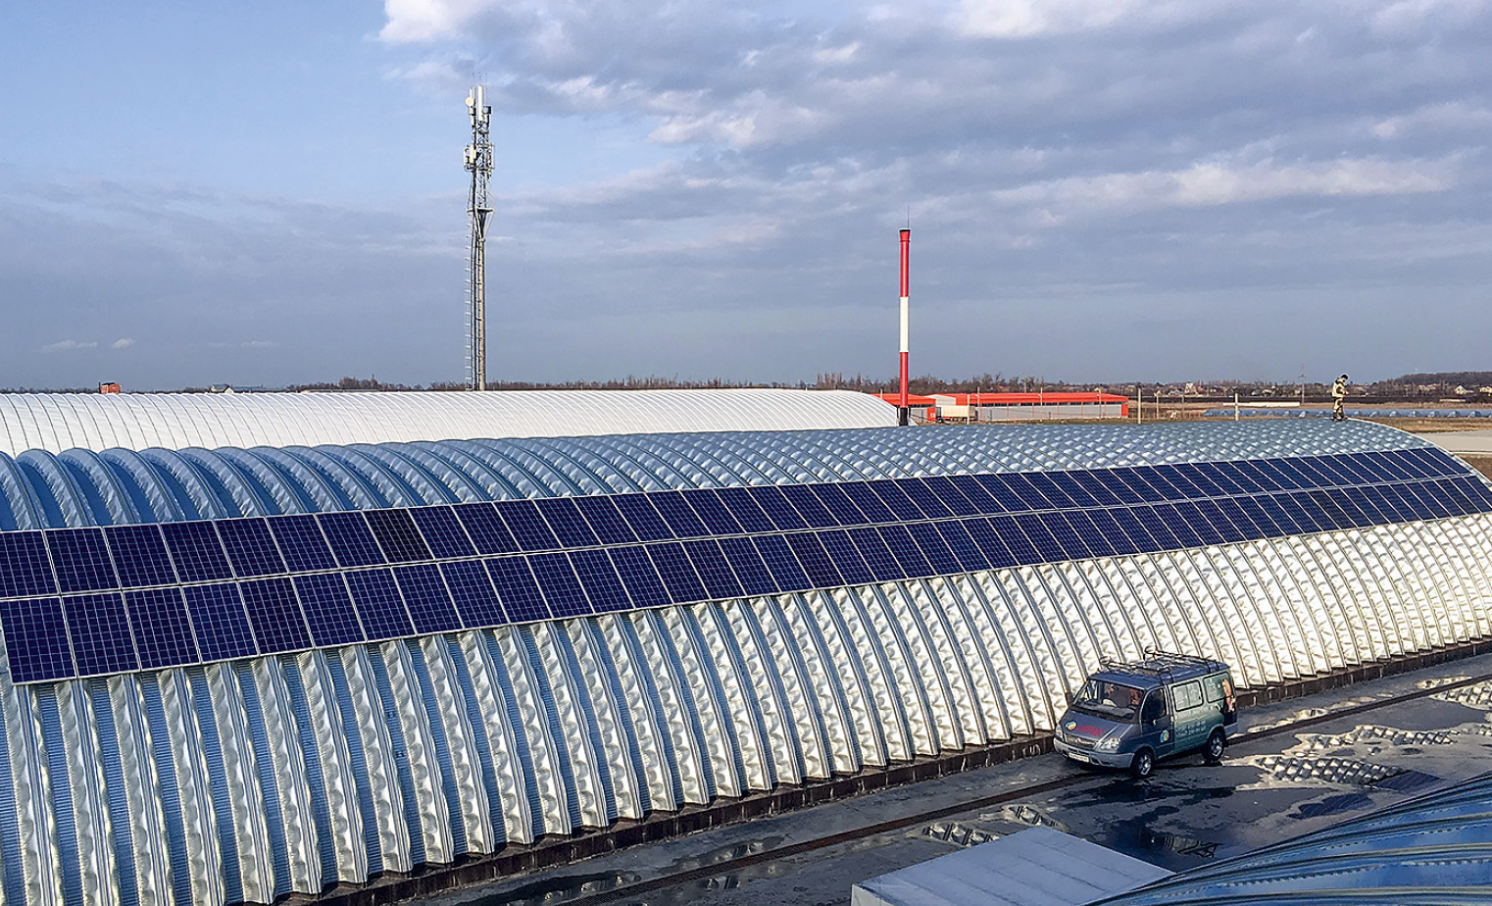 Проект: производственная компания, использующая ВИЭ с помощью гибридно-сетевой солнечной электростанции. 9/2019. Фото 1